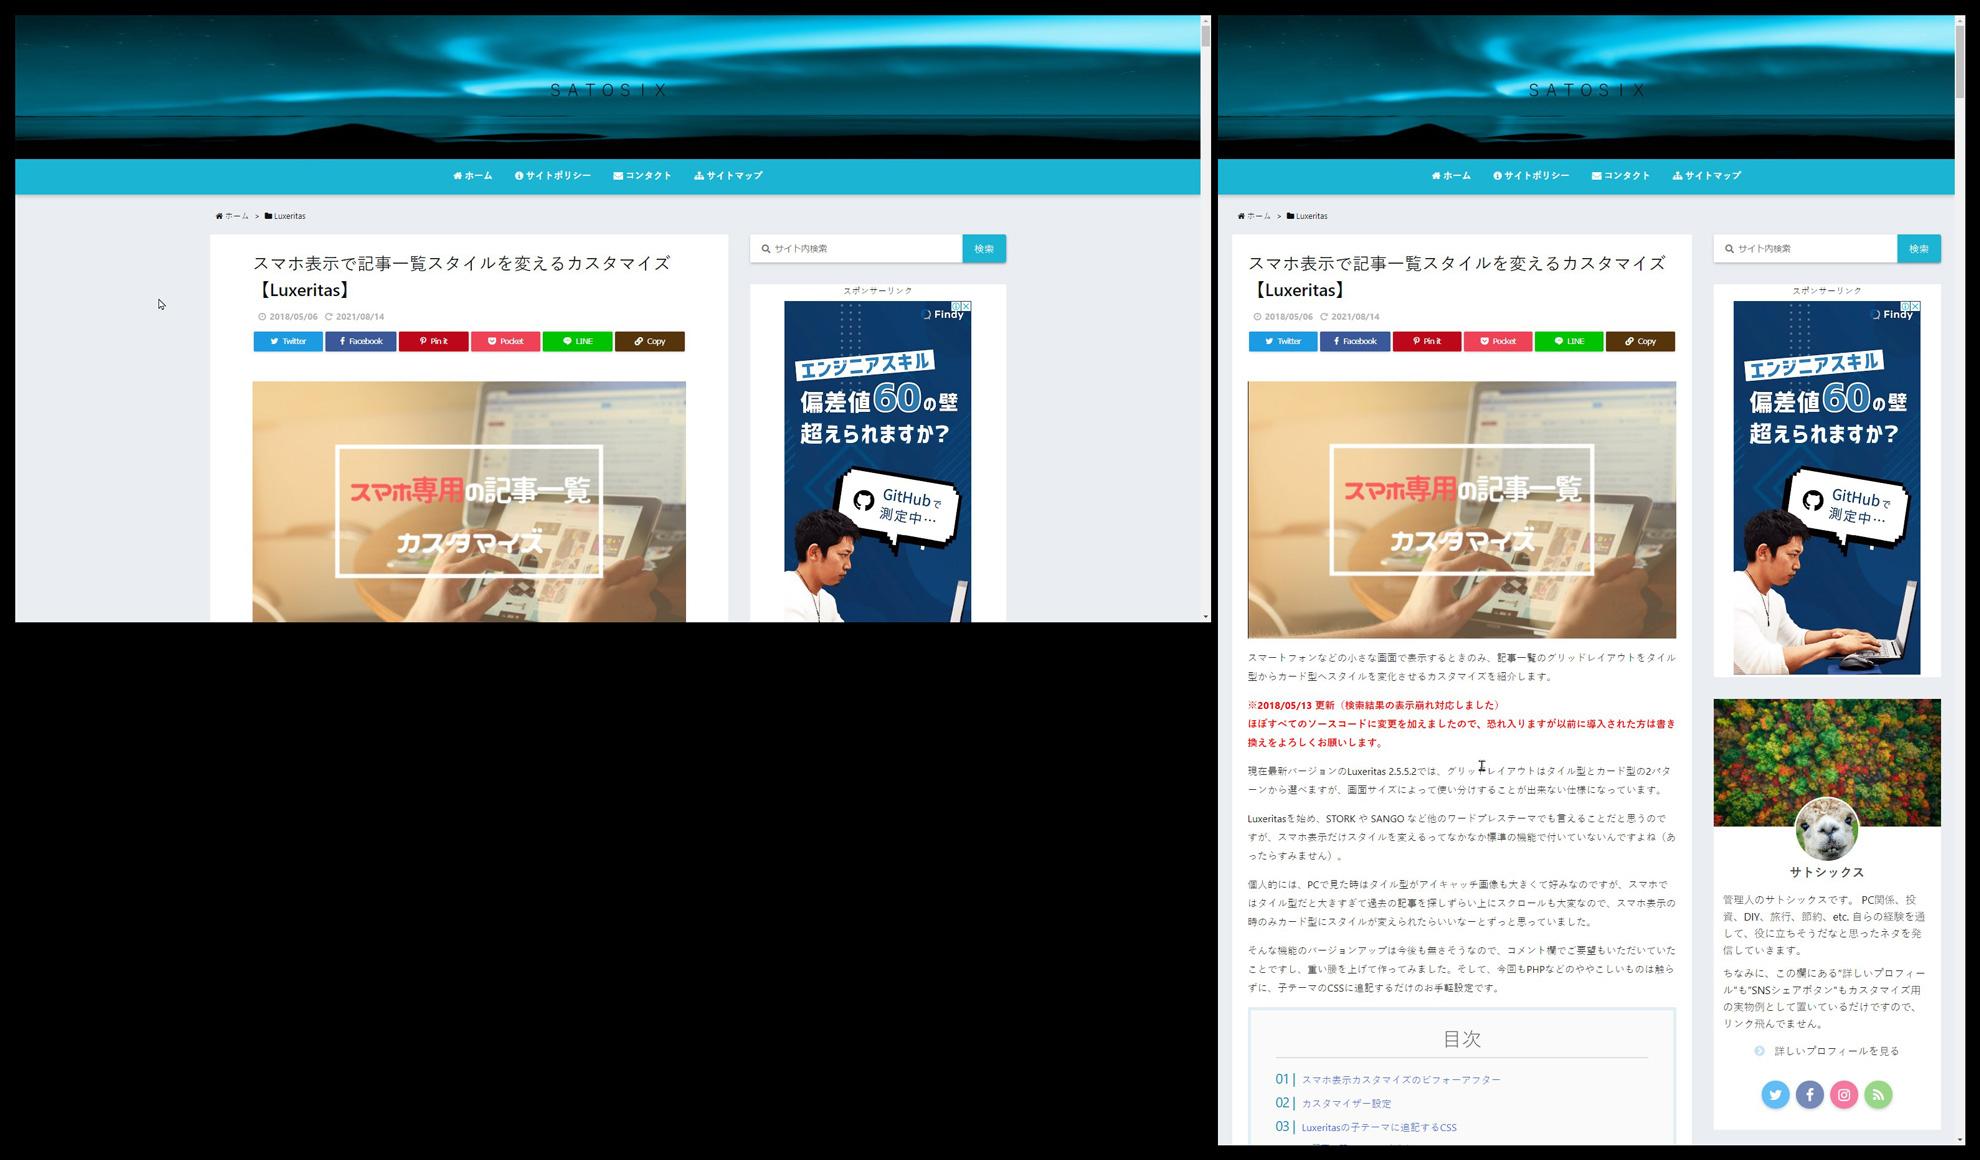 縦向きと横向き画面のブログ、ポータルサイト見え方比較